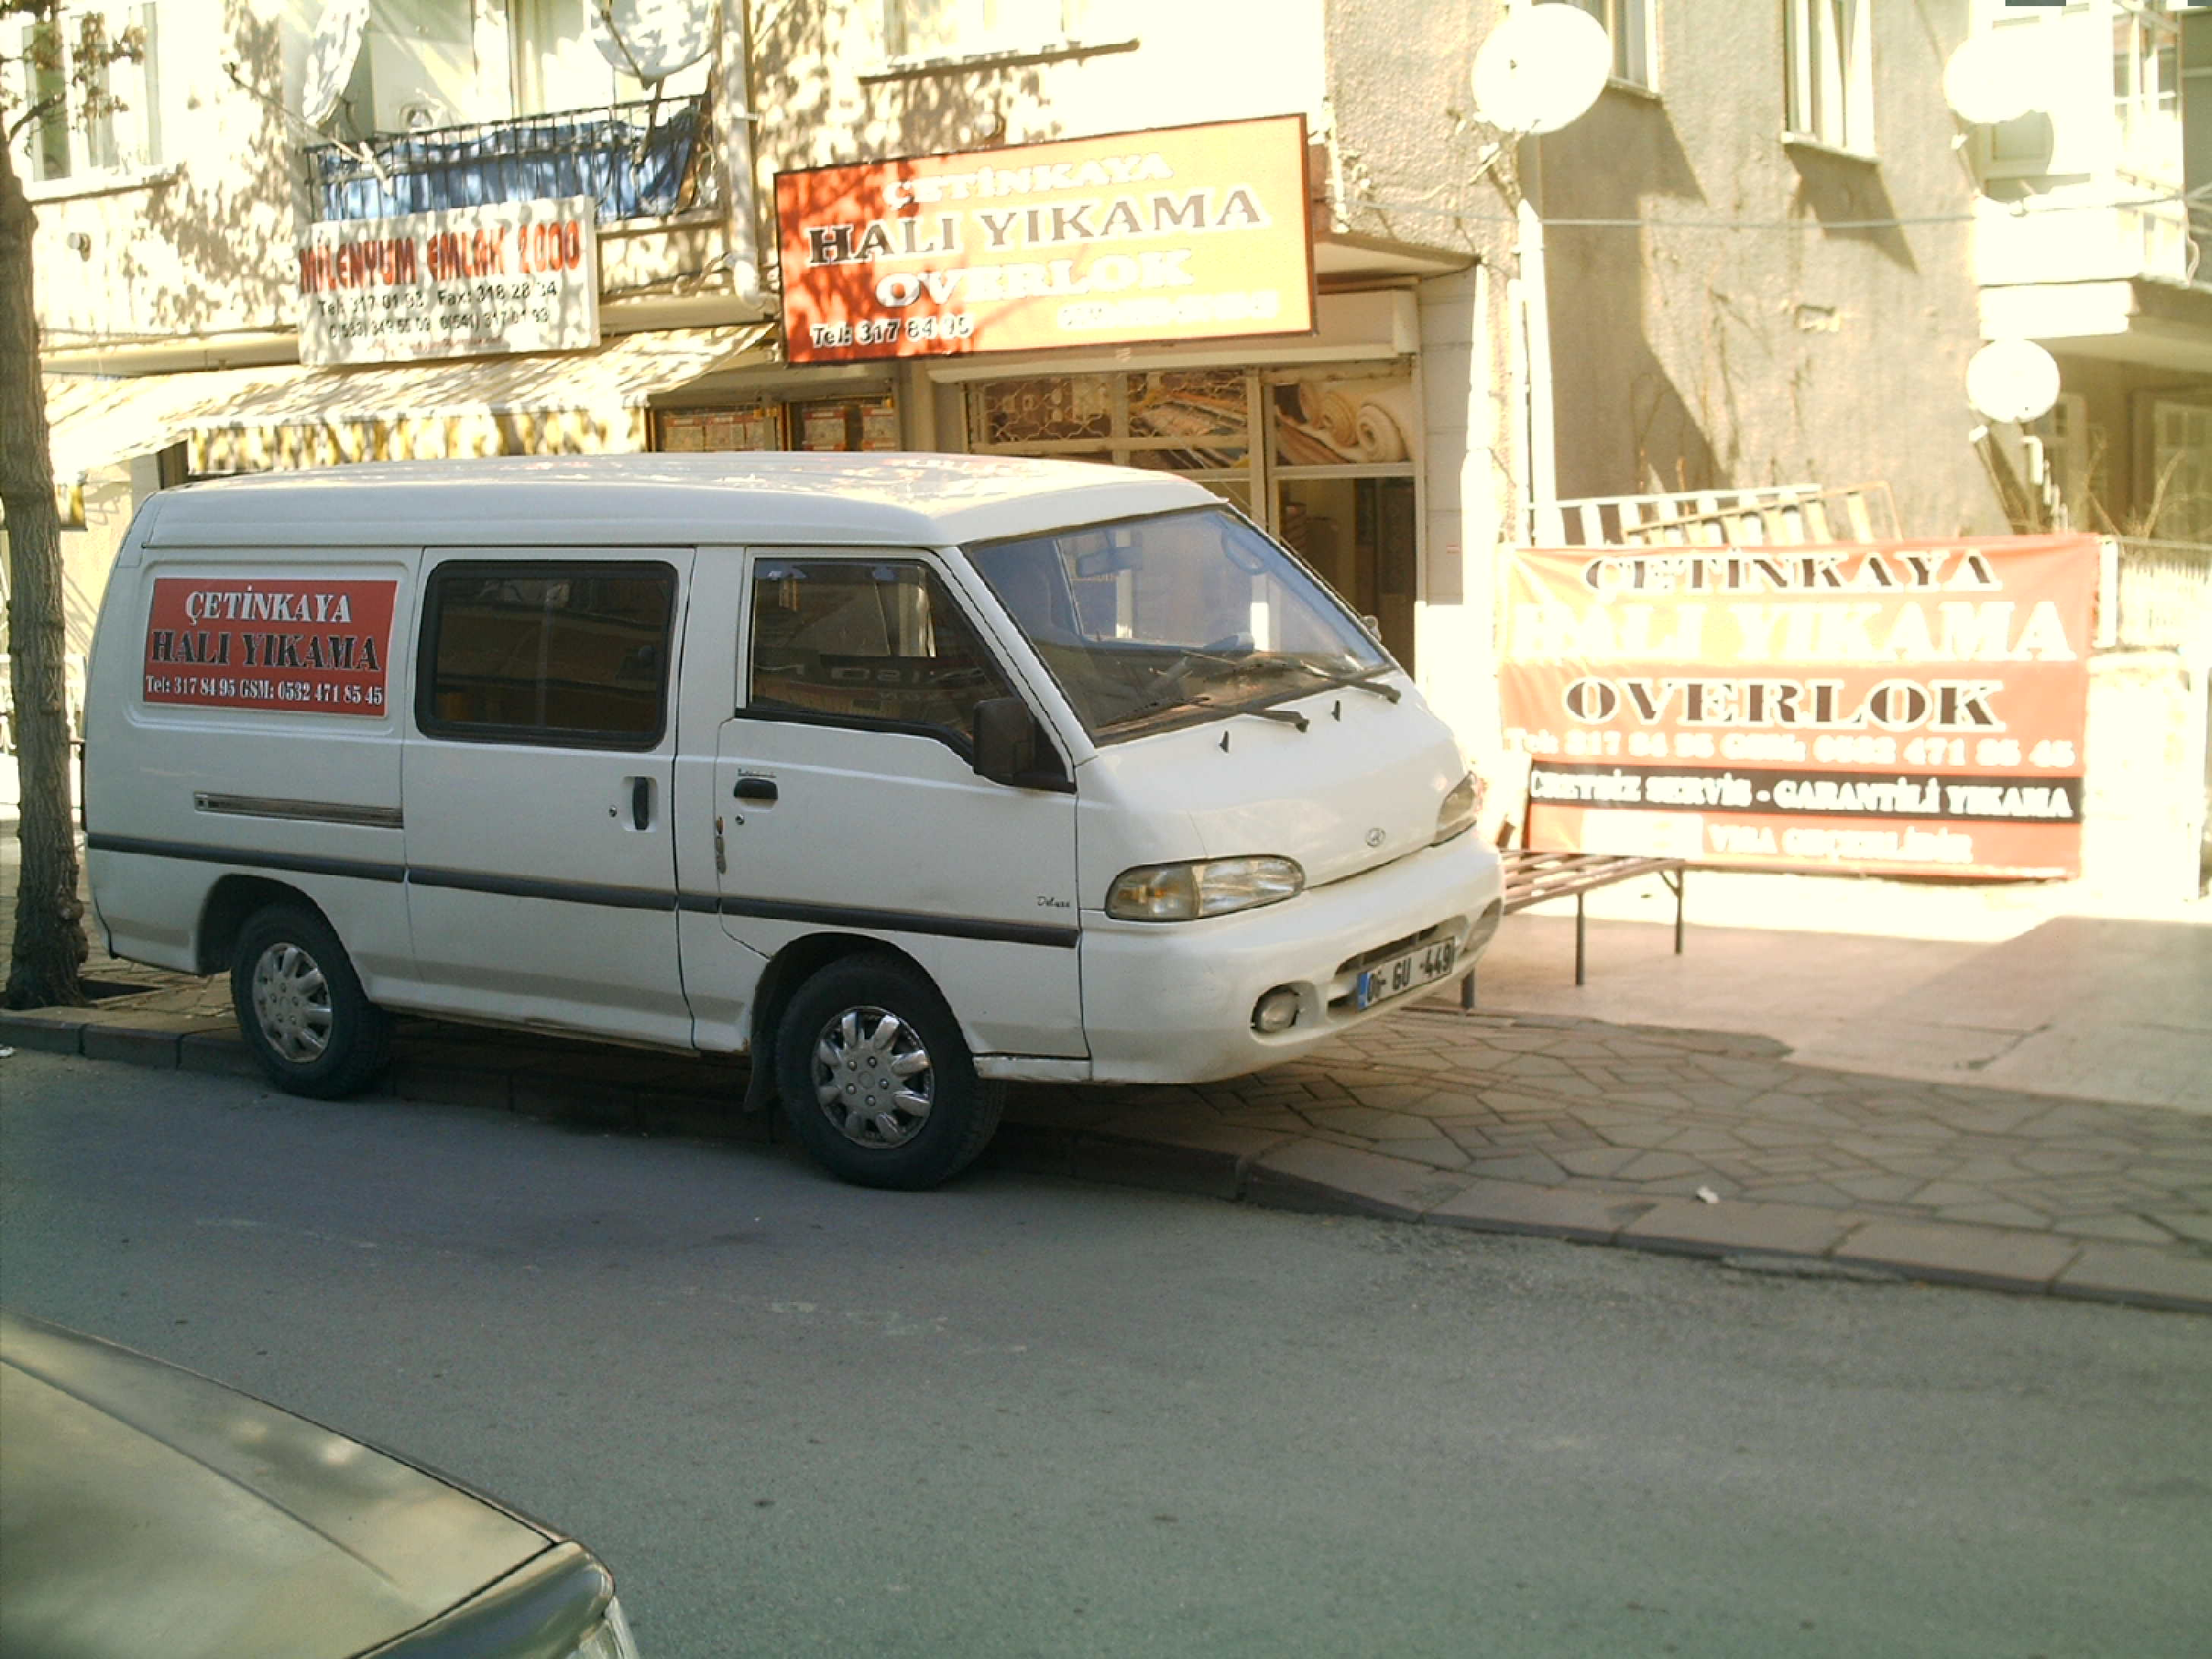 karacaören_yikama_servis-1 (1)